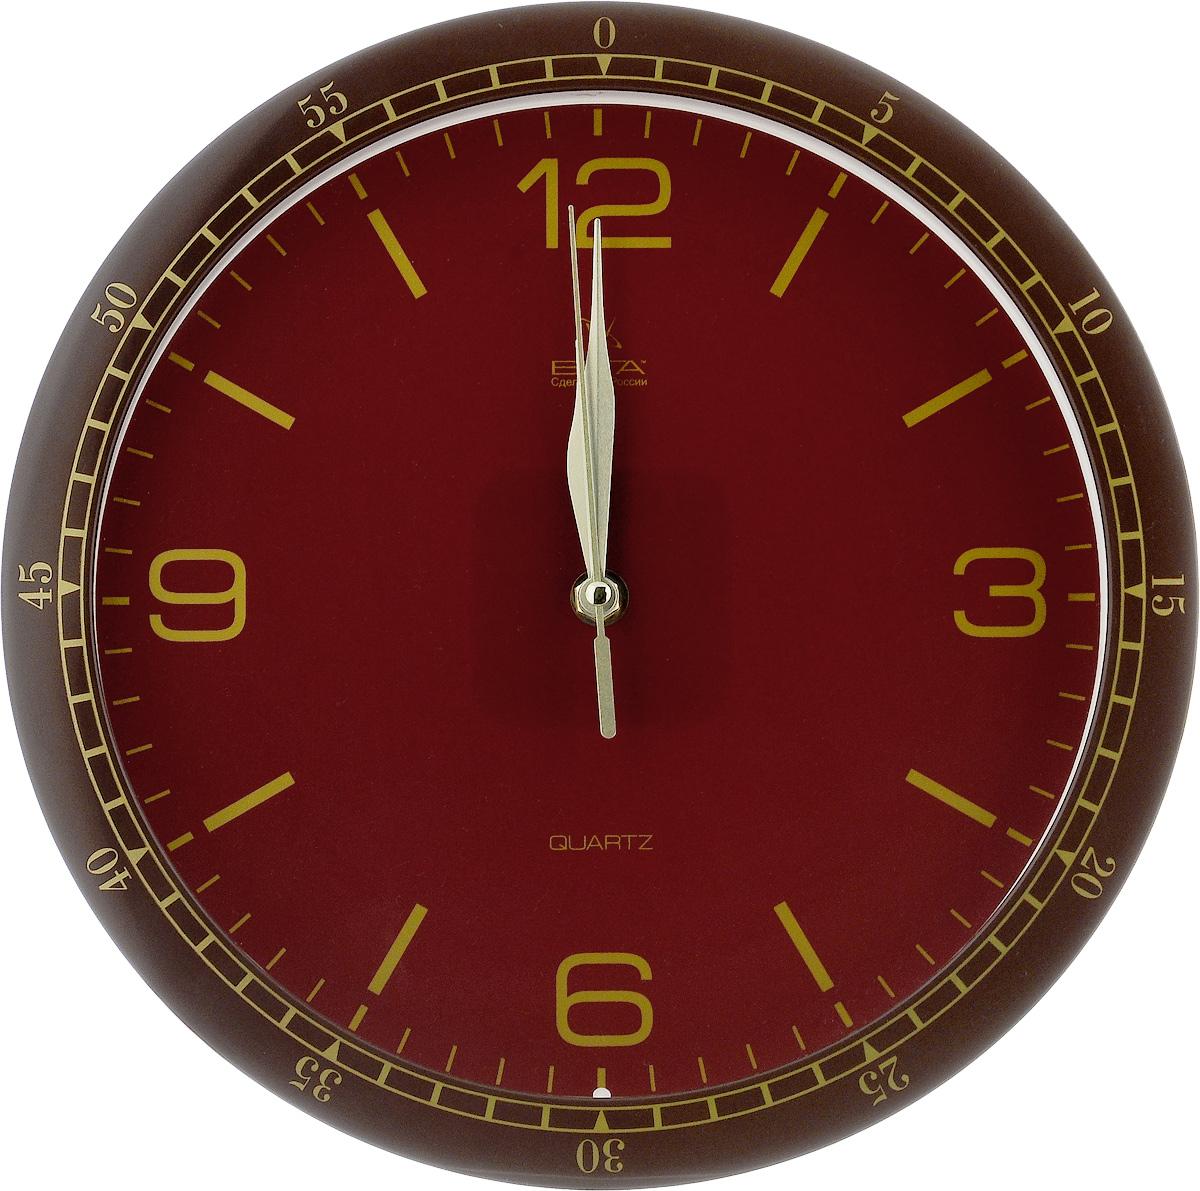 Часы настенные Вега Классика, цвет: коричневый, бордовый, золотой, диаметр 28,5 смП1-9815/7-64Настенные кварцевые часы Вега Классика, изготовленные из пластика, прекрасно впишутся в интерьервашего дома. Круглые часы имеют три стрелки: часовую,минутную и секундную, циферблат защищен прозрачным стеклом.Часы работают от 1 батарейки типа АА напряжением 1,5 В (не входит в комплект).Диаметр часов: 28,5 см.